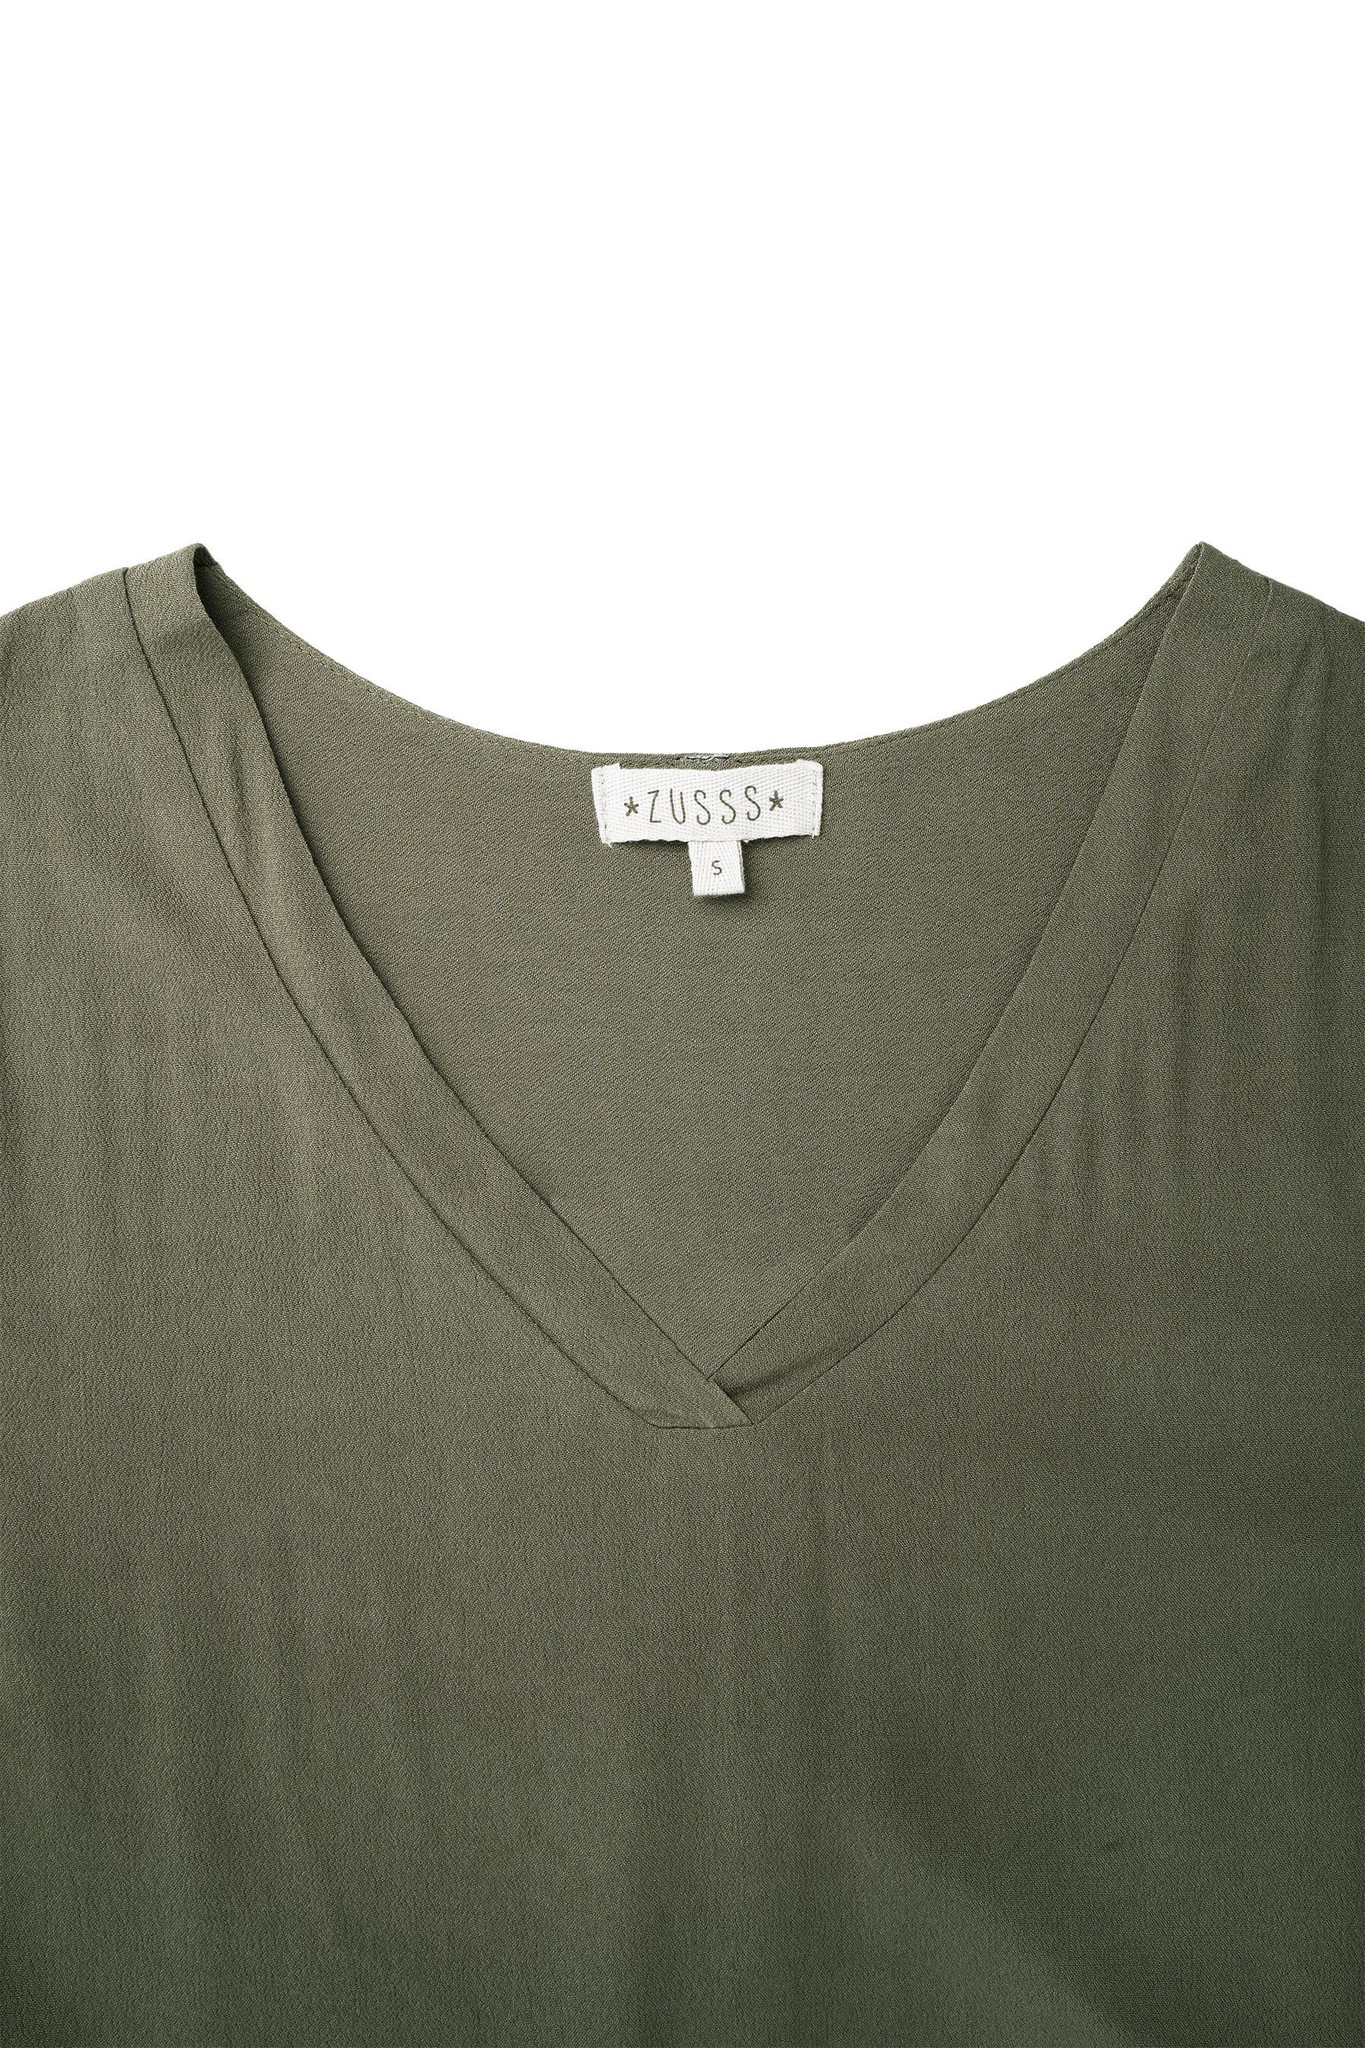 Zusss vlot jurkje - groen